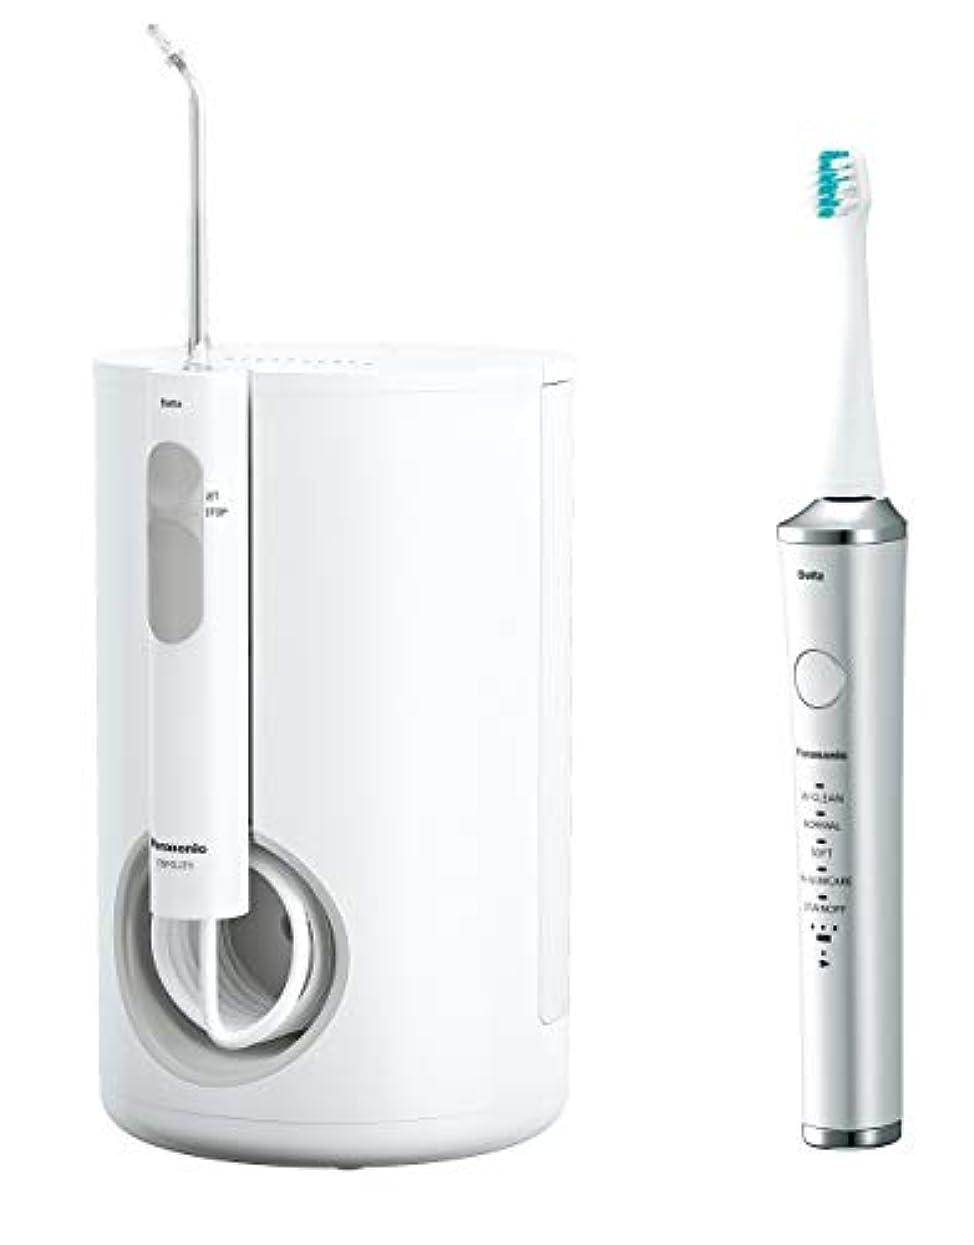 菊惑星混合したパナソニック 口腔洗浄器 ジェットウォッシャー ドルツ 白 EW-DJ71-W + 電動歯ブラシ ドルツ セット